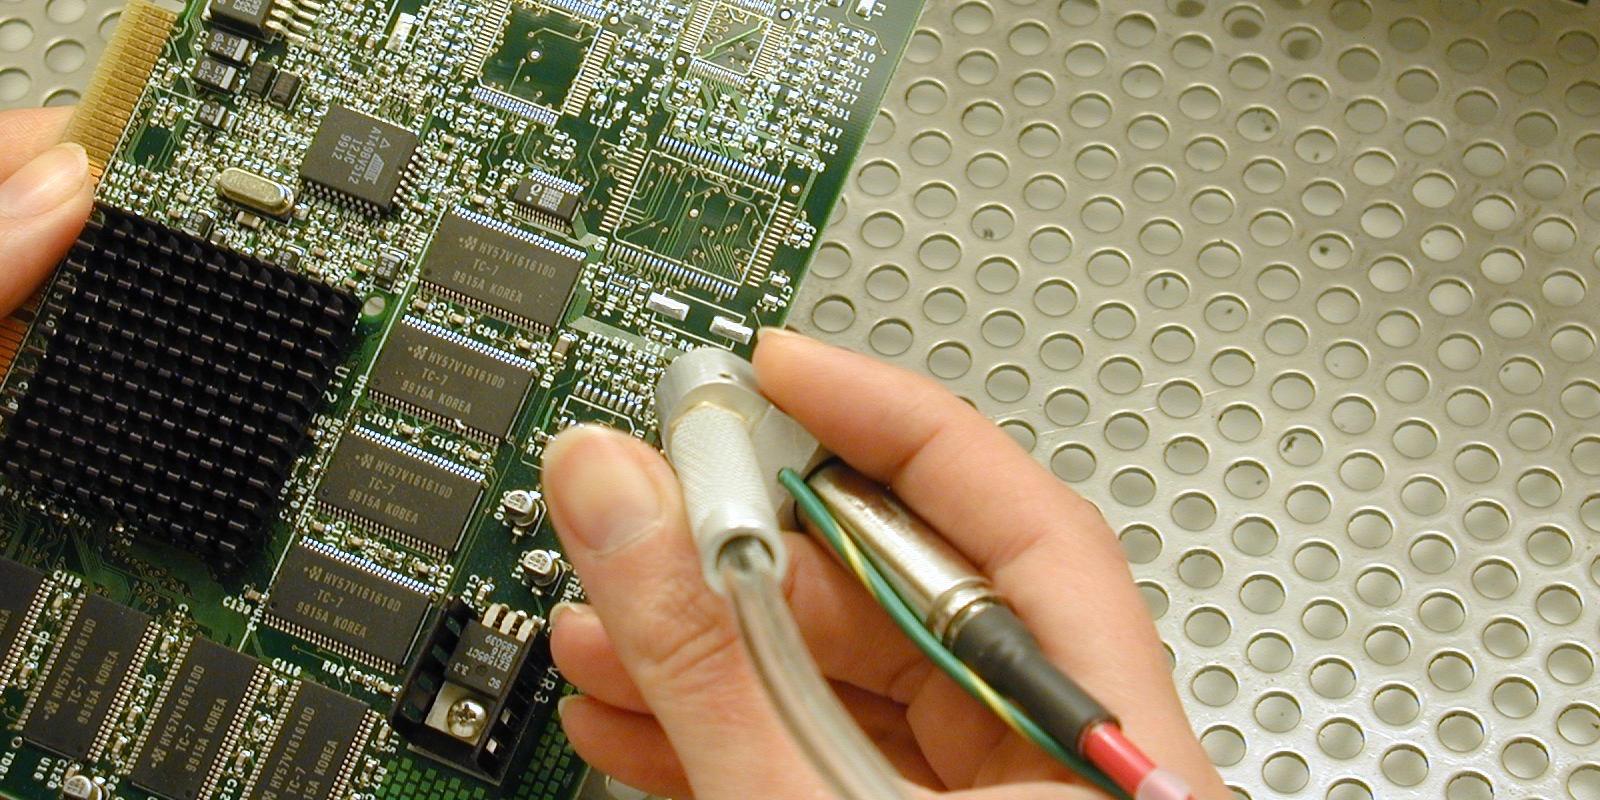 Conformal Coating Removal using Micro Abrasive Blasting